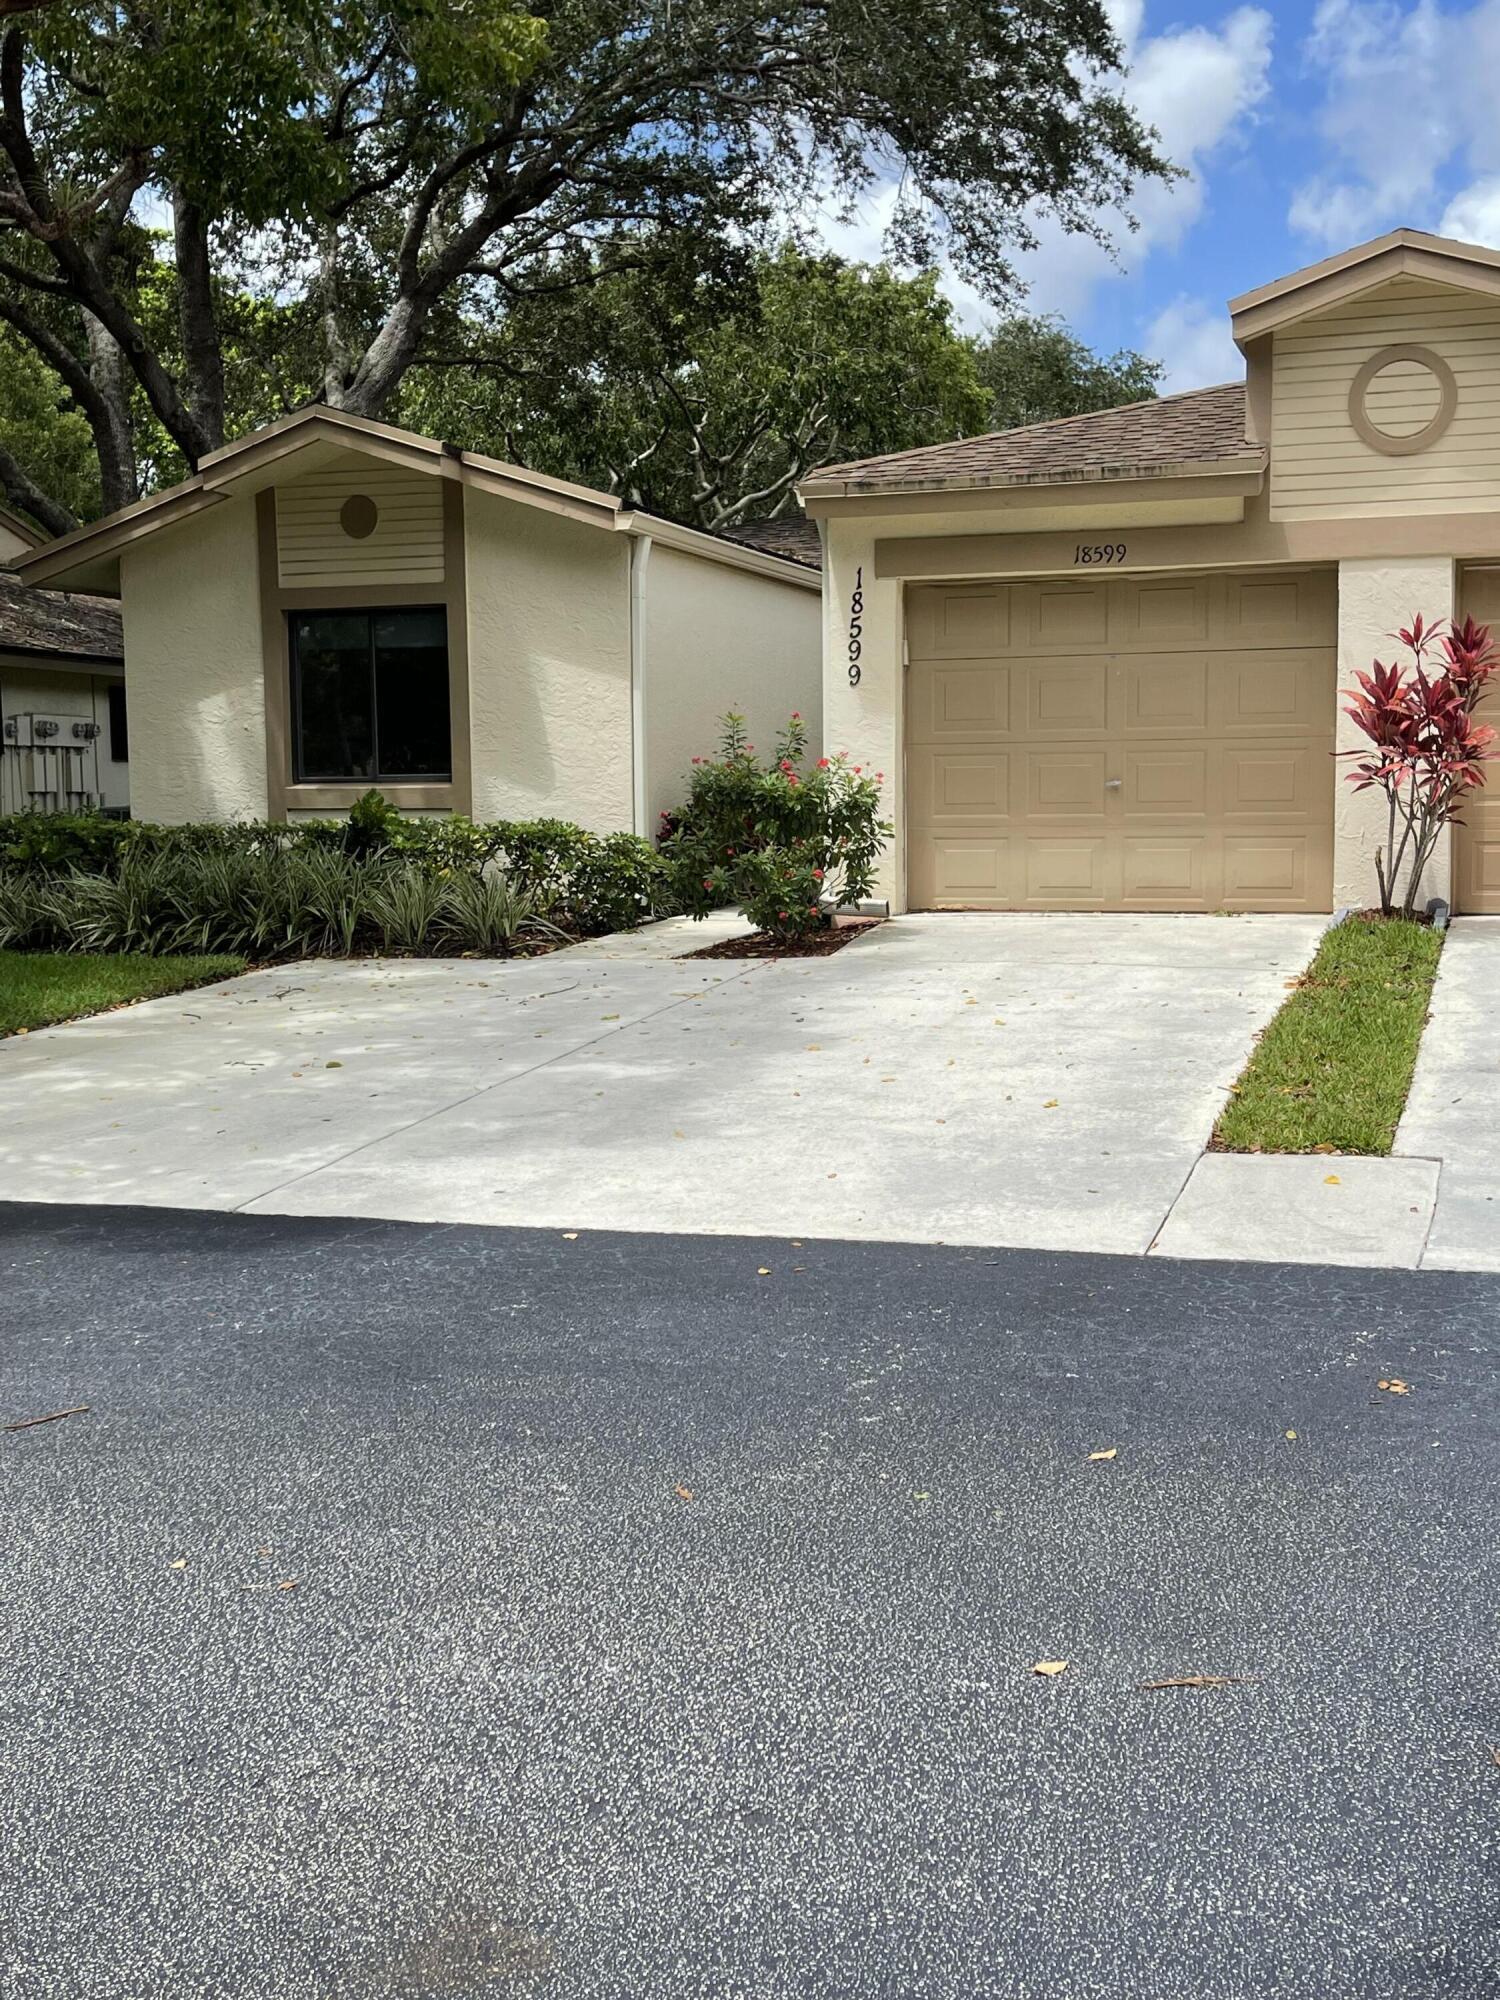 18599  Breezy Palm Way  For Sale 10739179, FL